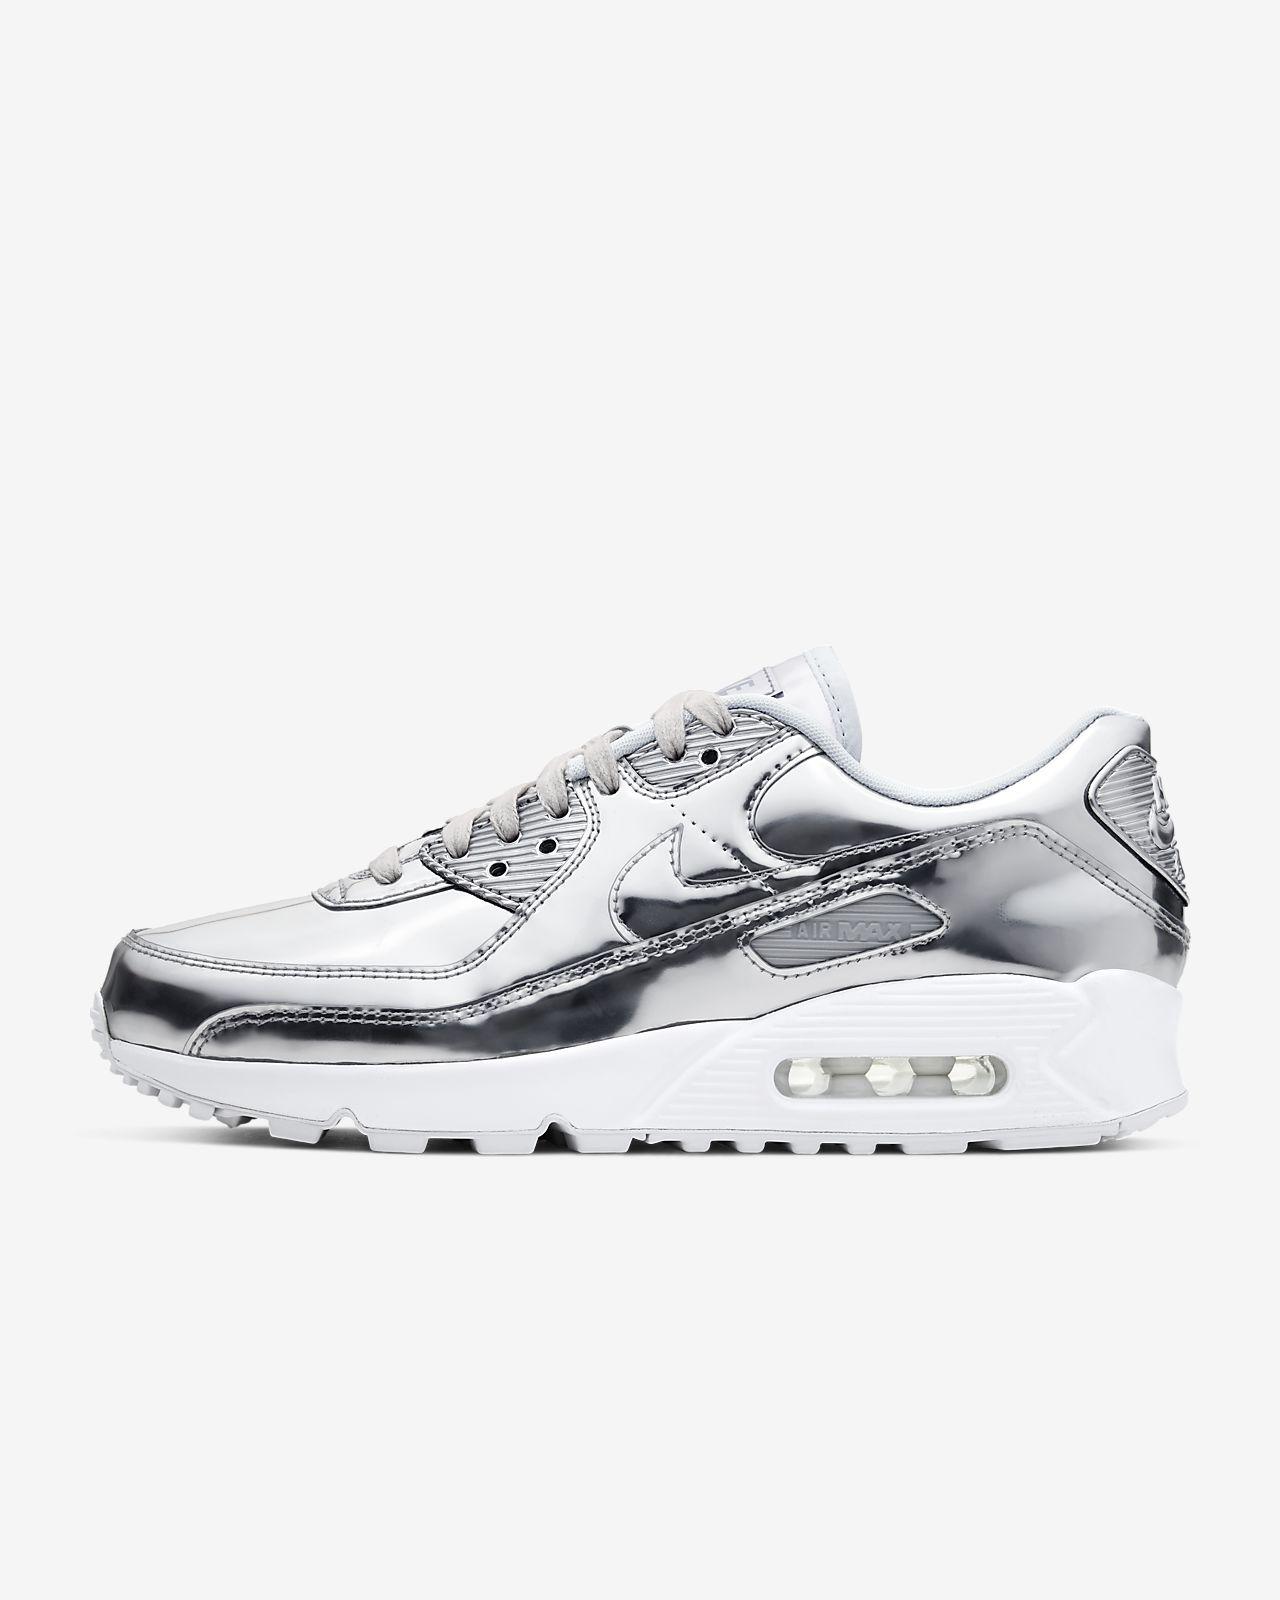 Sko Nike Air Max 90 SP